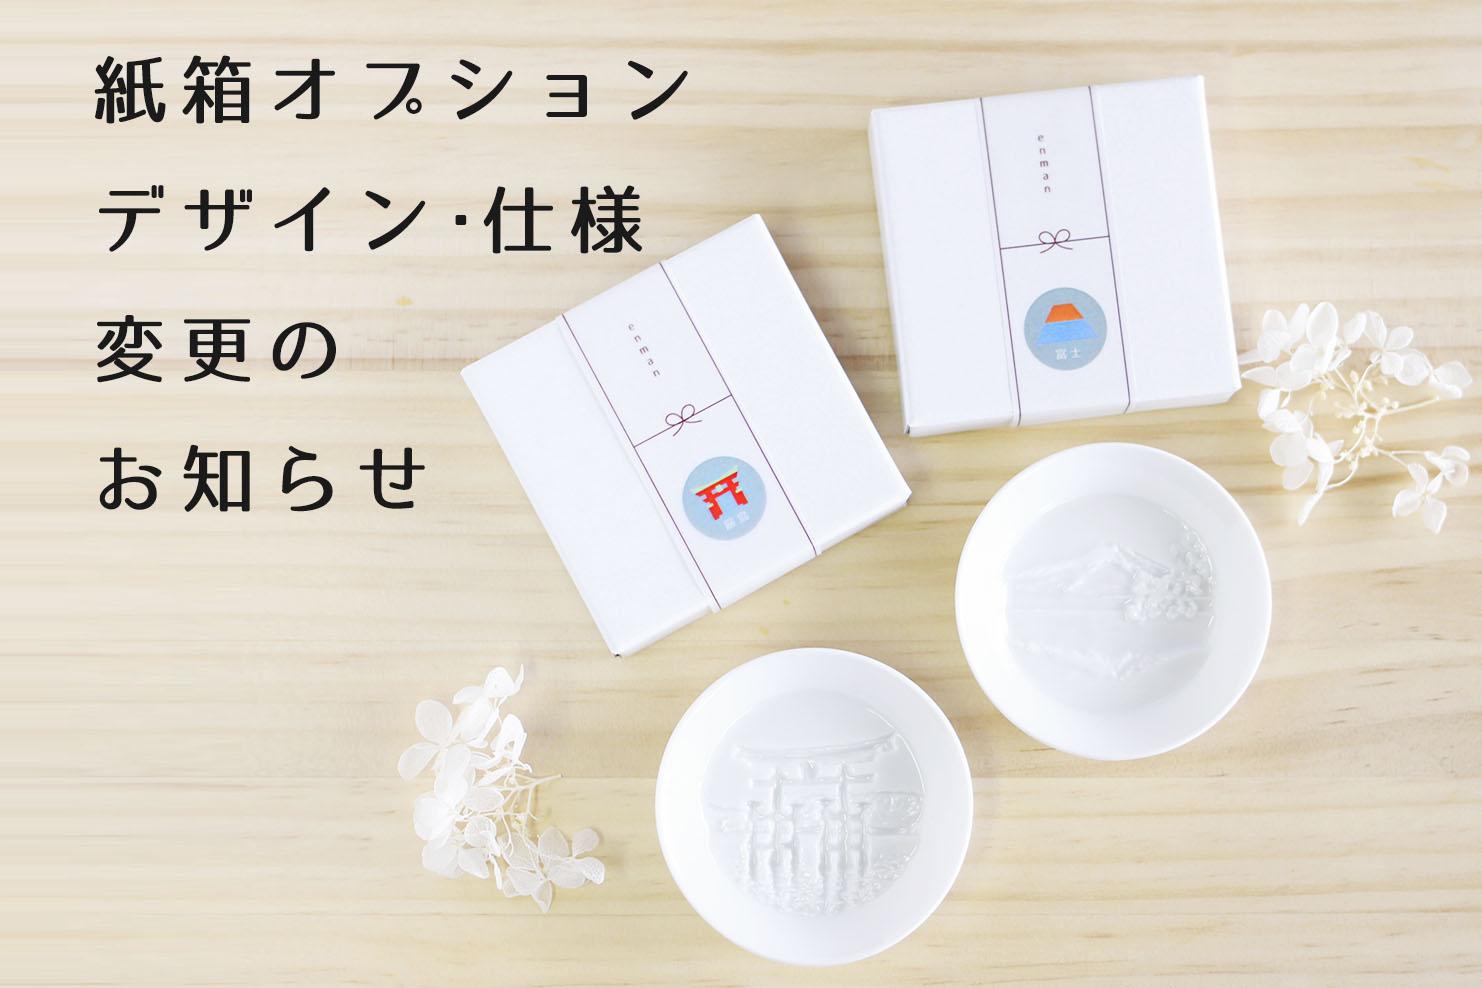 『フォトリアル醤油皿-enman-』紙箱オプション デザイン・仕様変更のお知らせ